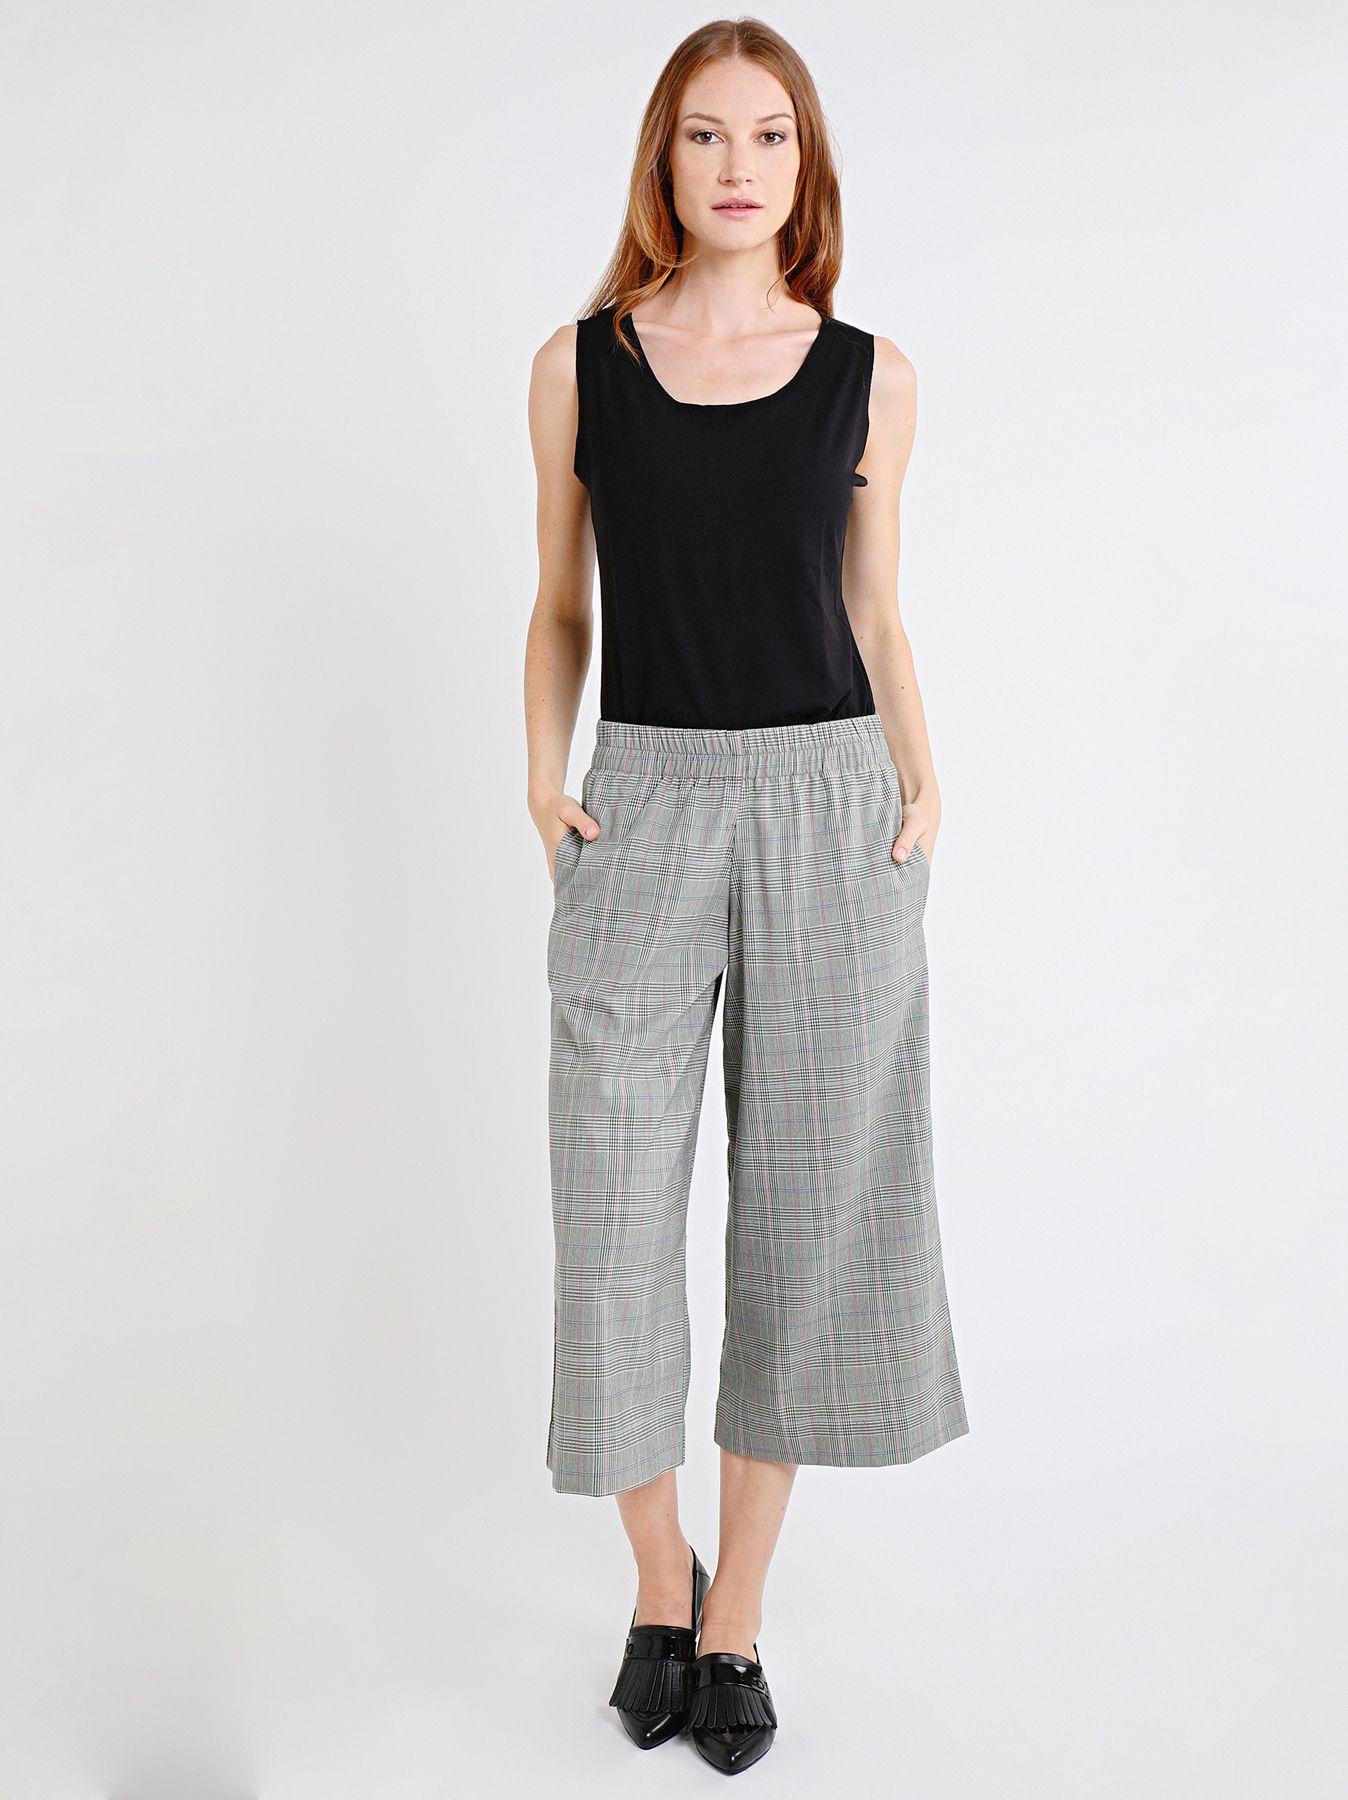 Pantalone midi con fantasia check